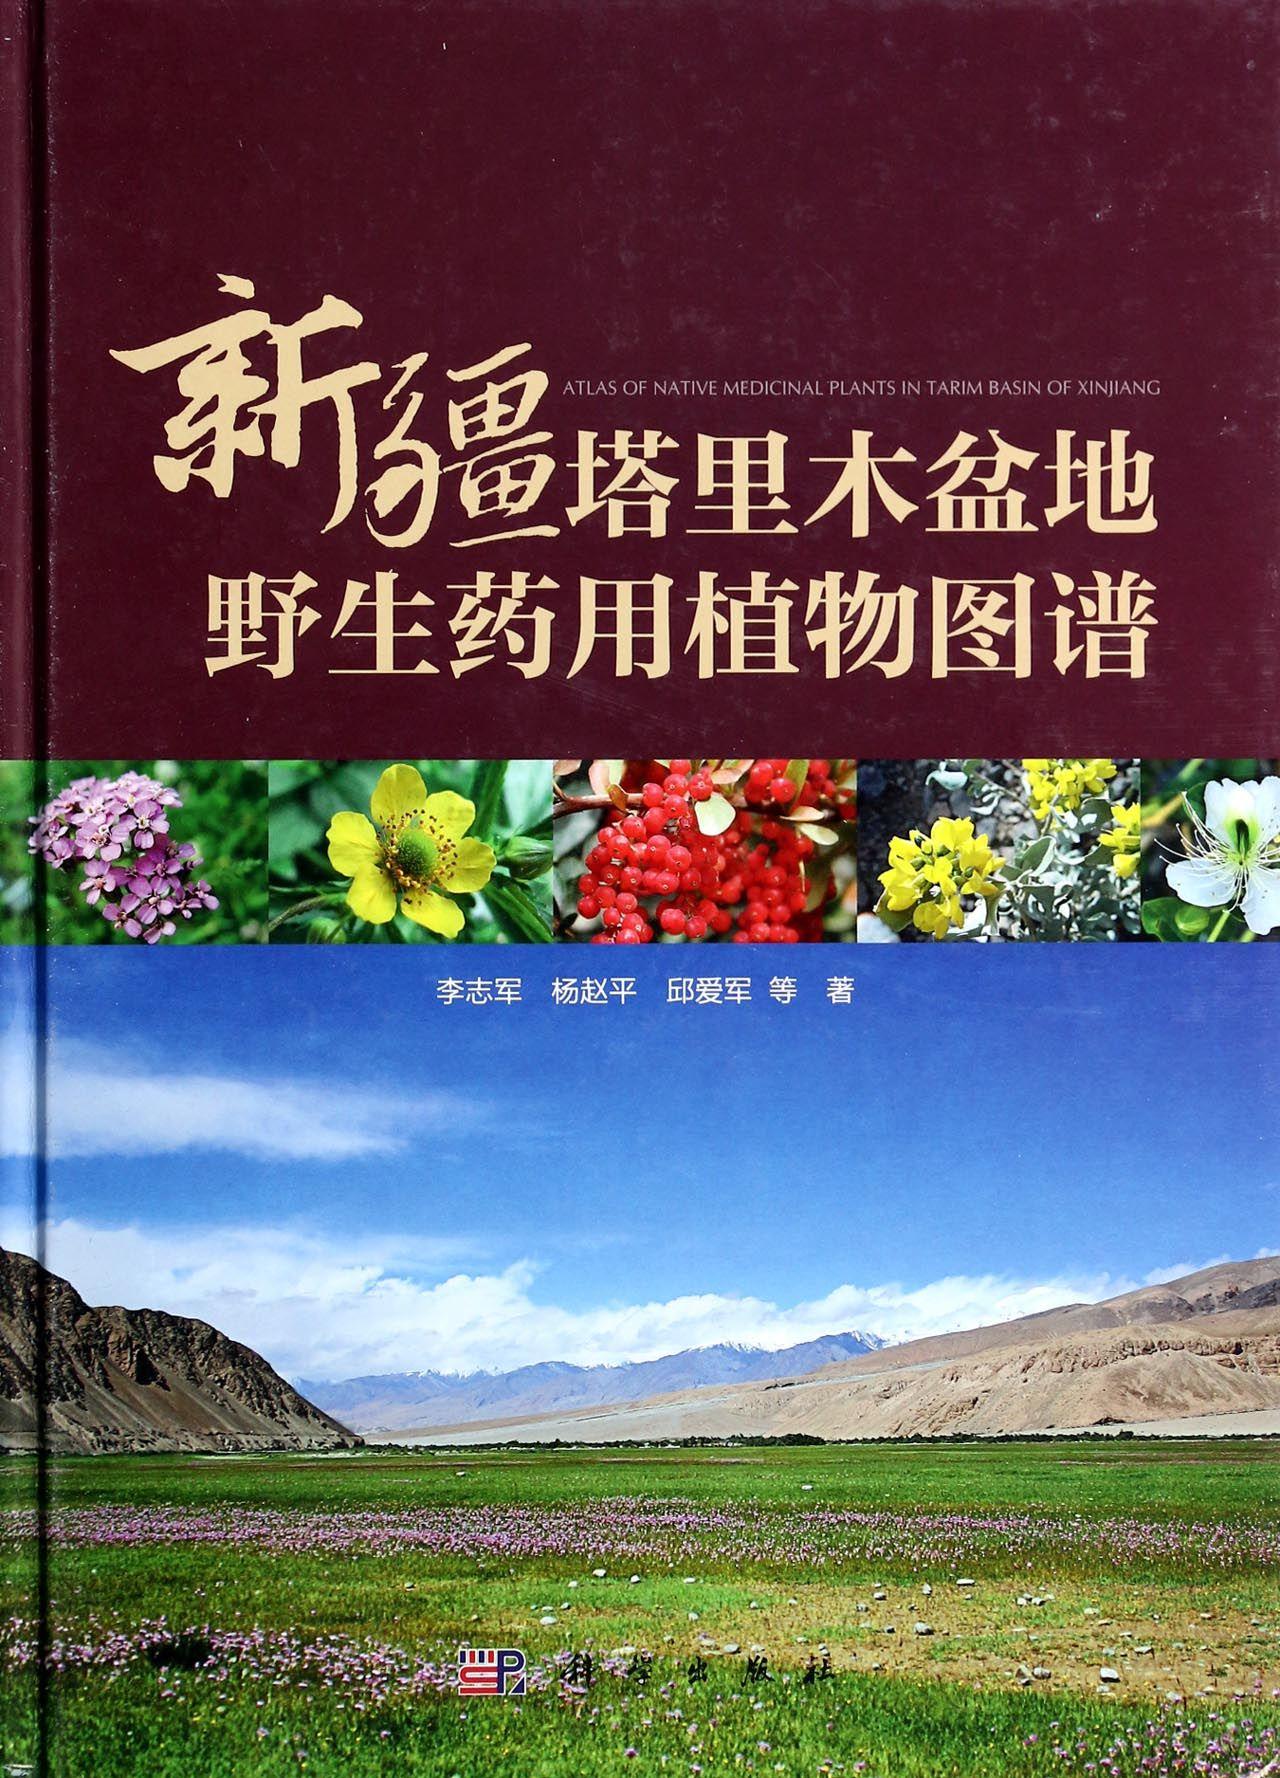 《新疆塔里木盆地野生药用植物图谱(精)》是李 志军、杨赵平、邱爱军等人在近10年来对塔里木盆地 野生植物资源进行调查、采集、鉴定和整理的基础上 结合*新研究进展撰写而成的。全书共收录了在新疆 塔里木盆地有分布的野生药用植物59科347种,其中 包括南疆特有分布种5种、南疆新纪录种32种和南疆 珍稀濒危物种18种等。这些野生药用植物既有新疆地 产大宗常用中药材品种,亦有维吾尔药用常用药、哈 萨克医用药材,具有一定的代表性。本书采用图文并 茂的形式编排,通过展示440余张植物生境、全株或 主要器官的原色图片,